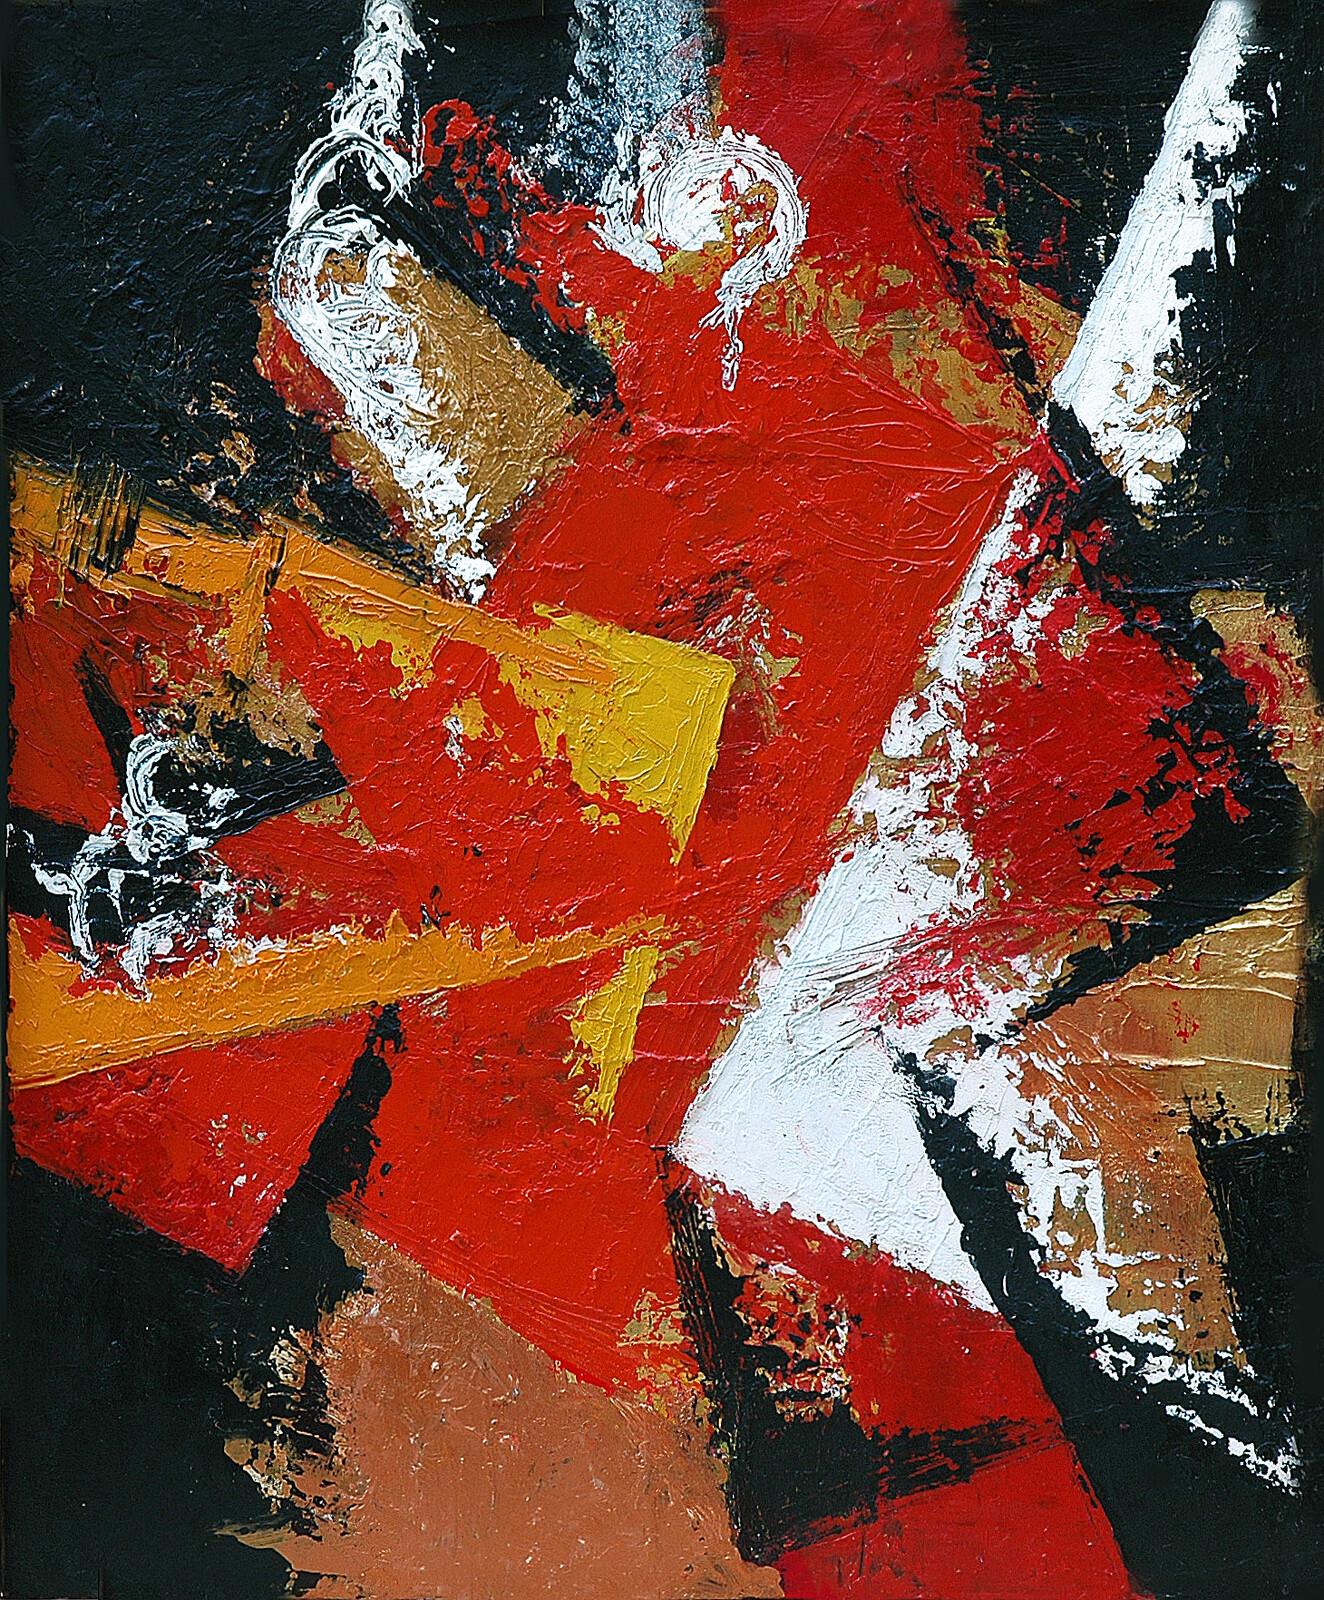 TRITTICO II Mutazione 50 x 60 acrylic oil plaster on canvas